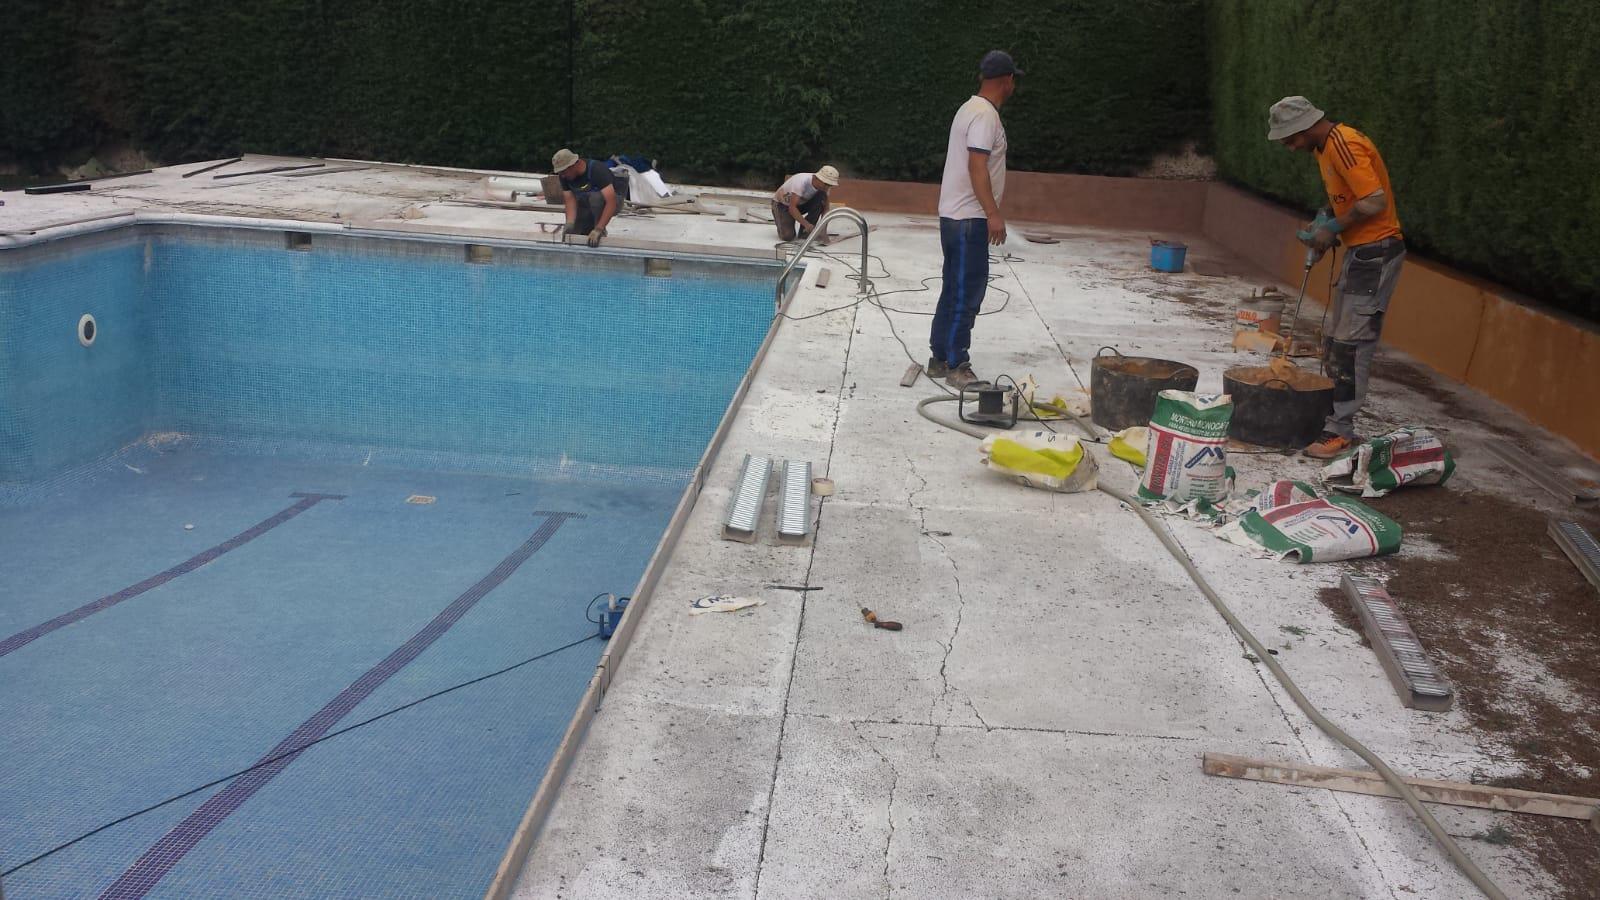 operarios en piscina